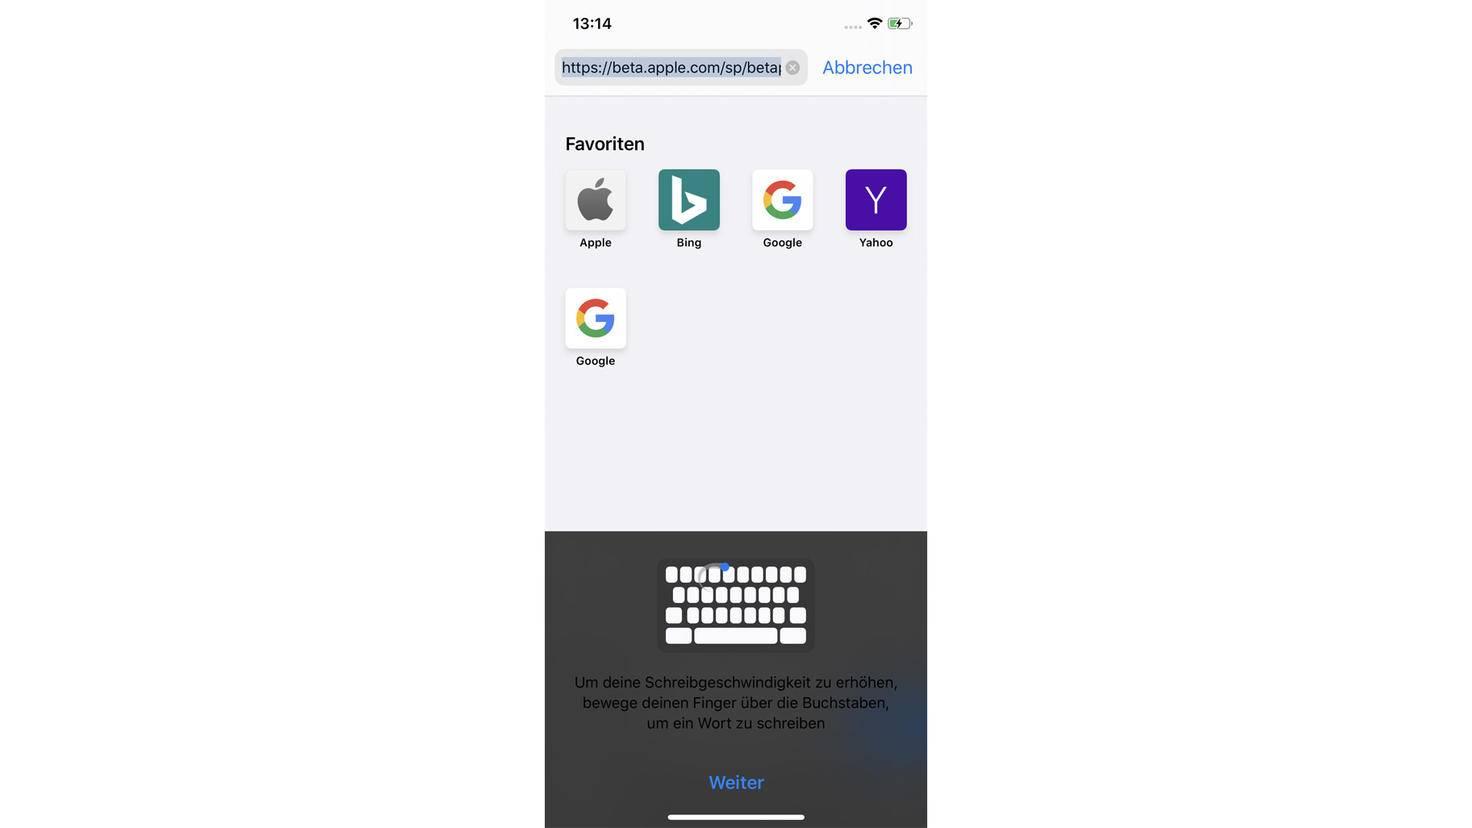 In iOS 13 brauchst Du keine Drittanbieter-Keyboards mehr, um per Swipe-Geste Texte zu schreiben. Die neue Tastatur bringt dieses Feature von Haus aus mit – einfach mit dem Finger über die Buchstaben streichen und das System erkennt automatisch das Wort.